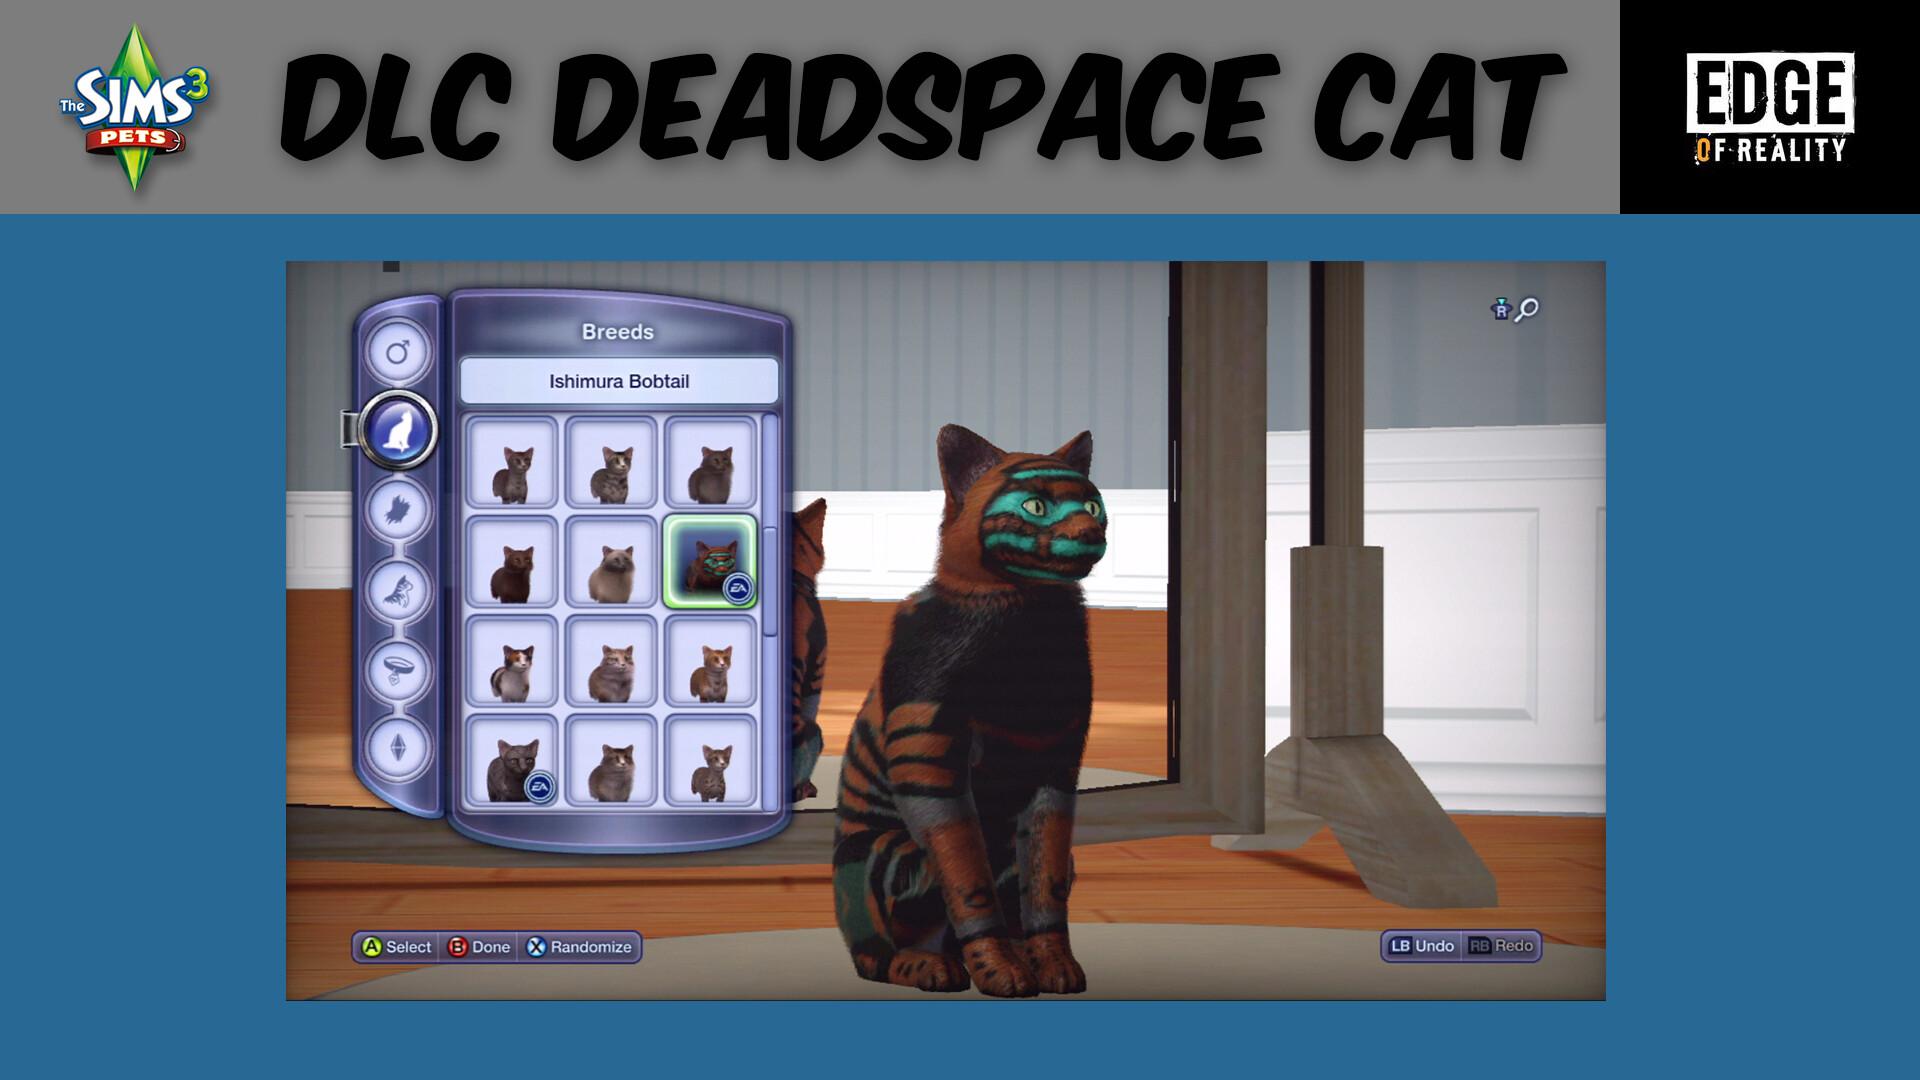 Markel milanes deadspacecat